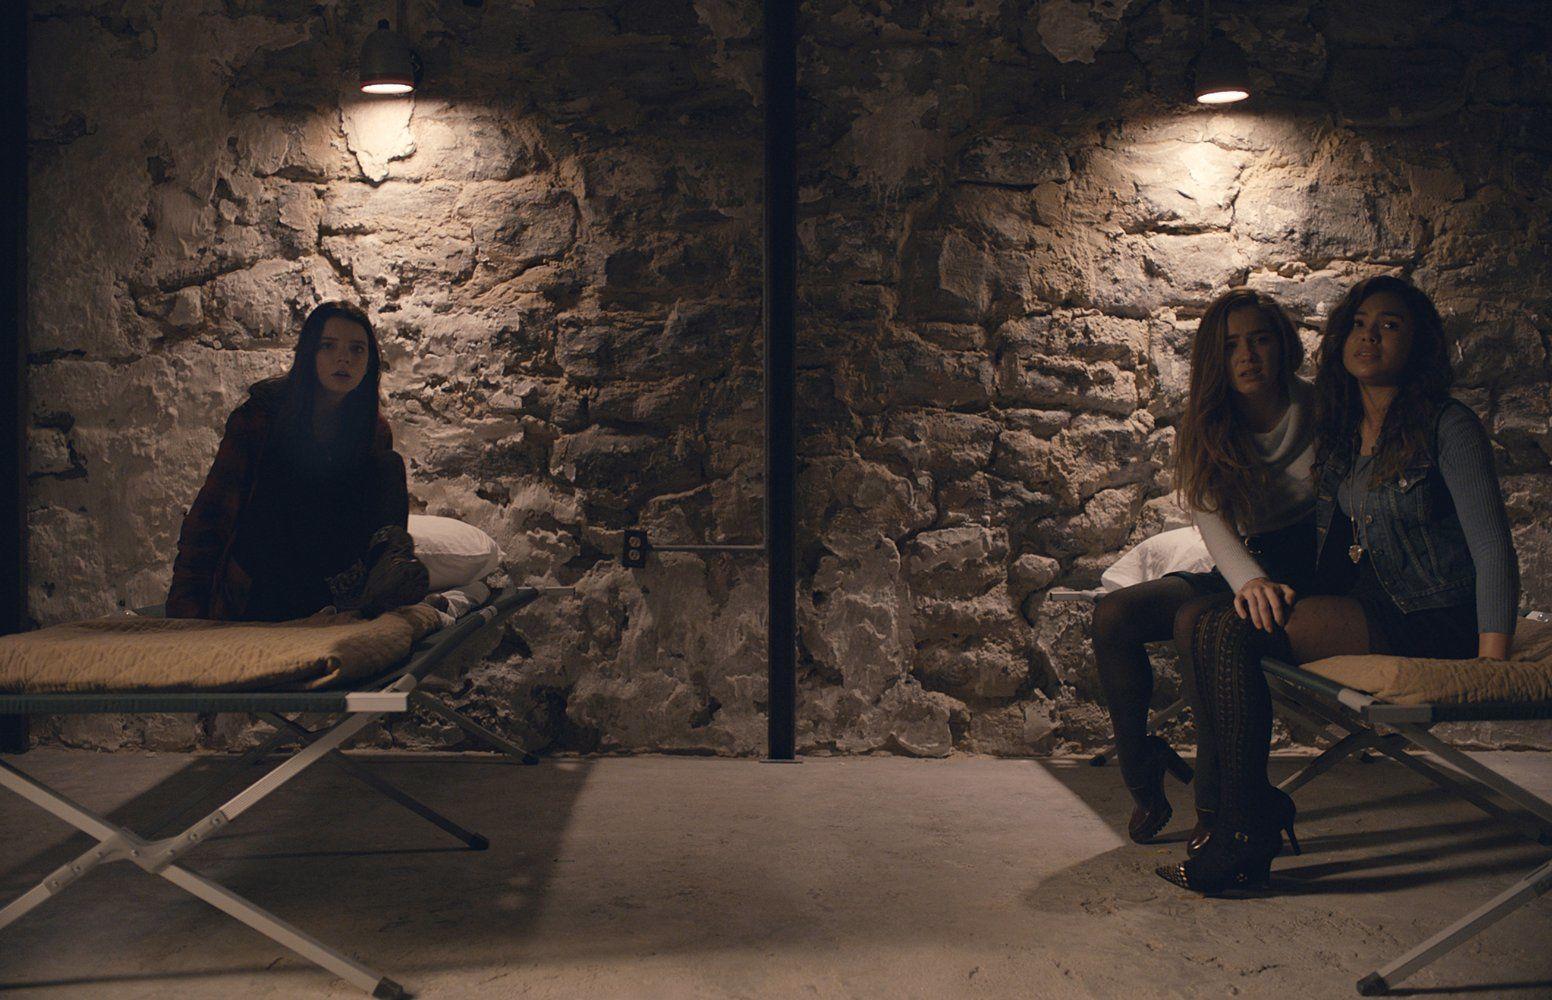 Split (BANDE ANNONCE VF et VOST) de M. Night Shyamalan avec James McAvoy - Le 22 février 2017 au cinéma